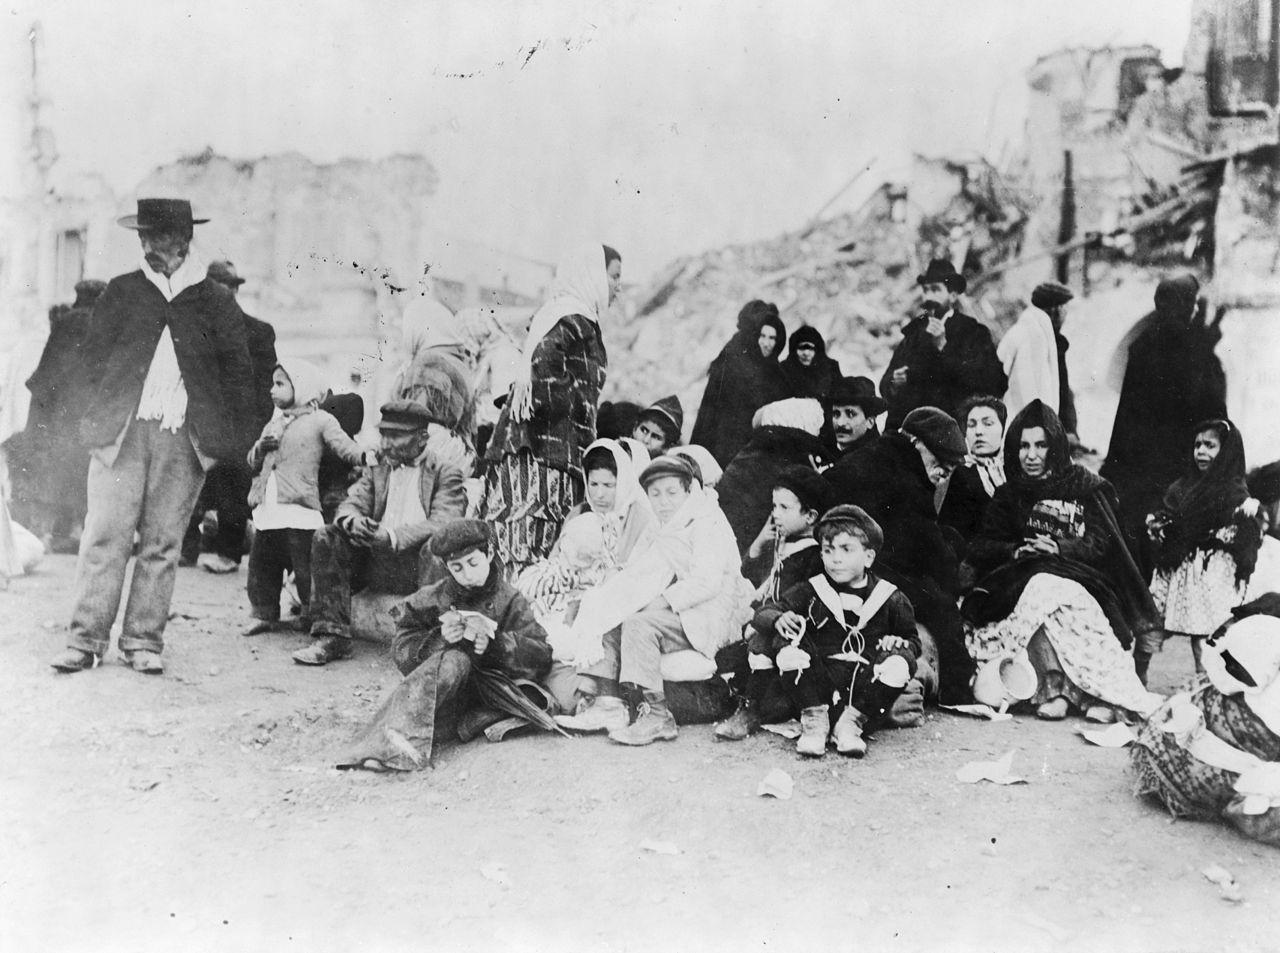 1909年所攝之強震倖存者。(WikiCommons)